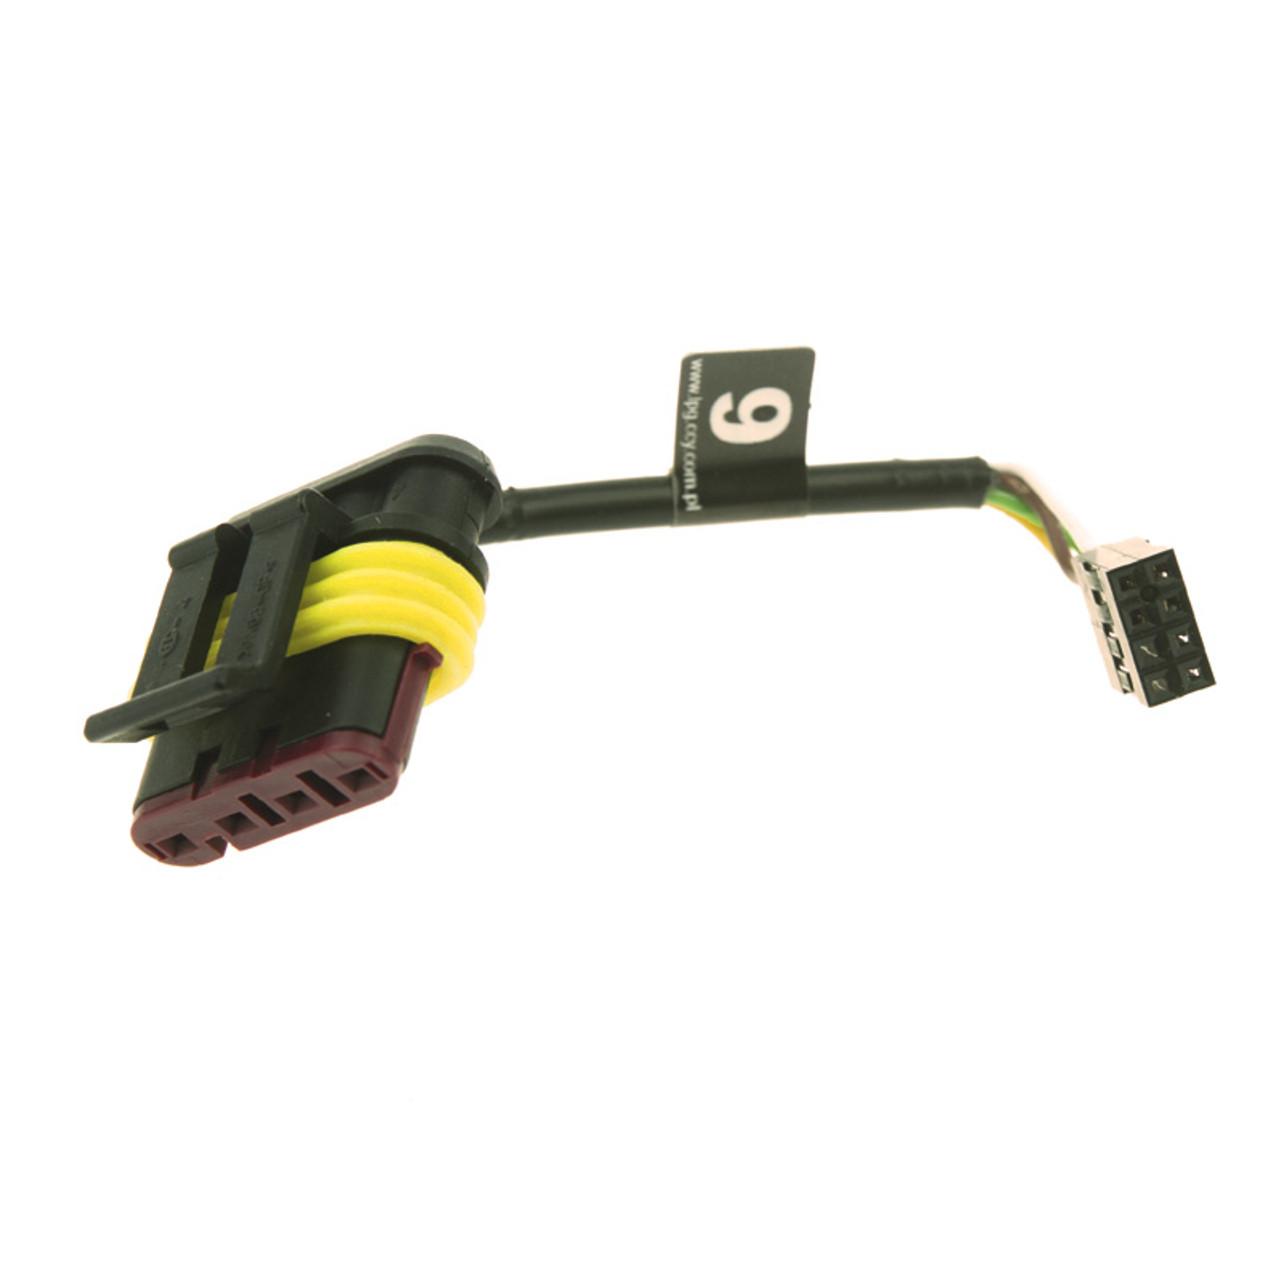 Lovato Diagnostic Connection Adapter For LPG Autogas Ecu 9